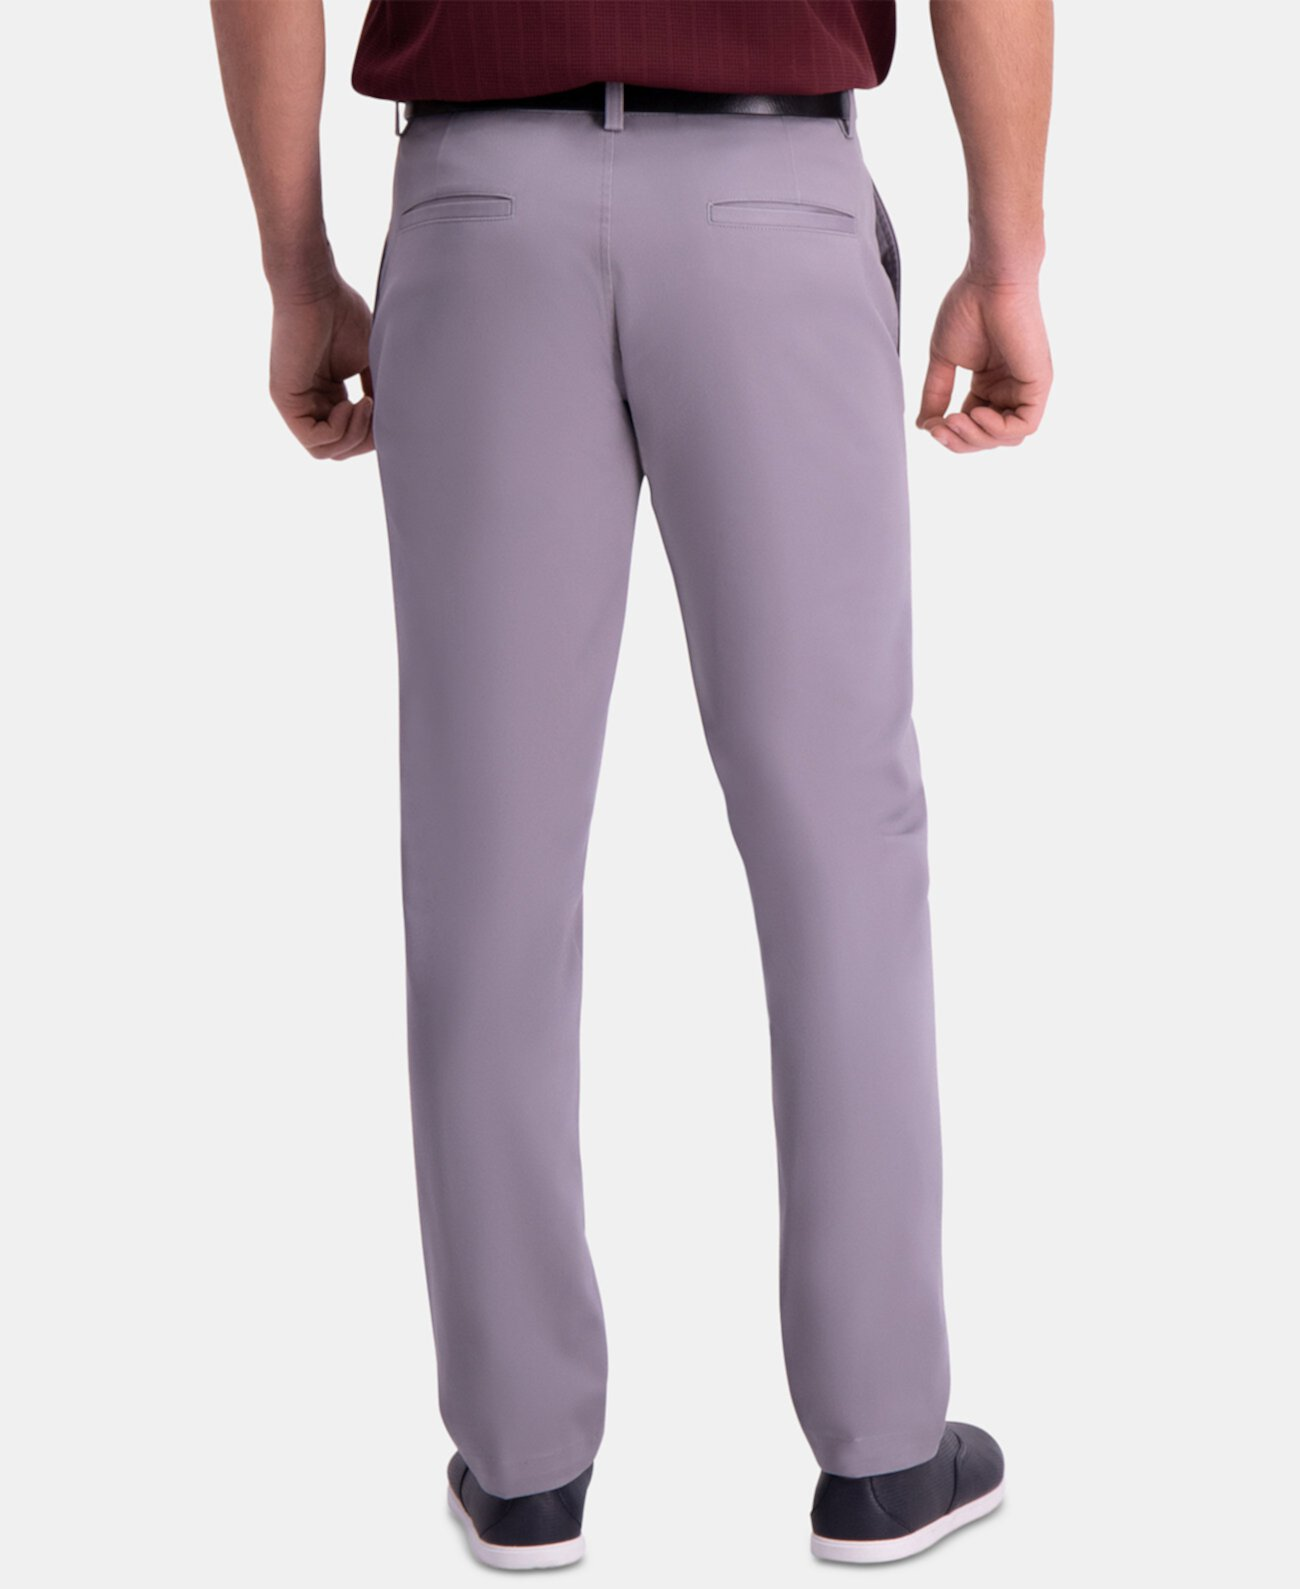 Мужские брюки премиум-класса цвета хаки Slim-Fit 2-полосные эластичные устойчивые к морщинам повседневные брюки HAGGAR